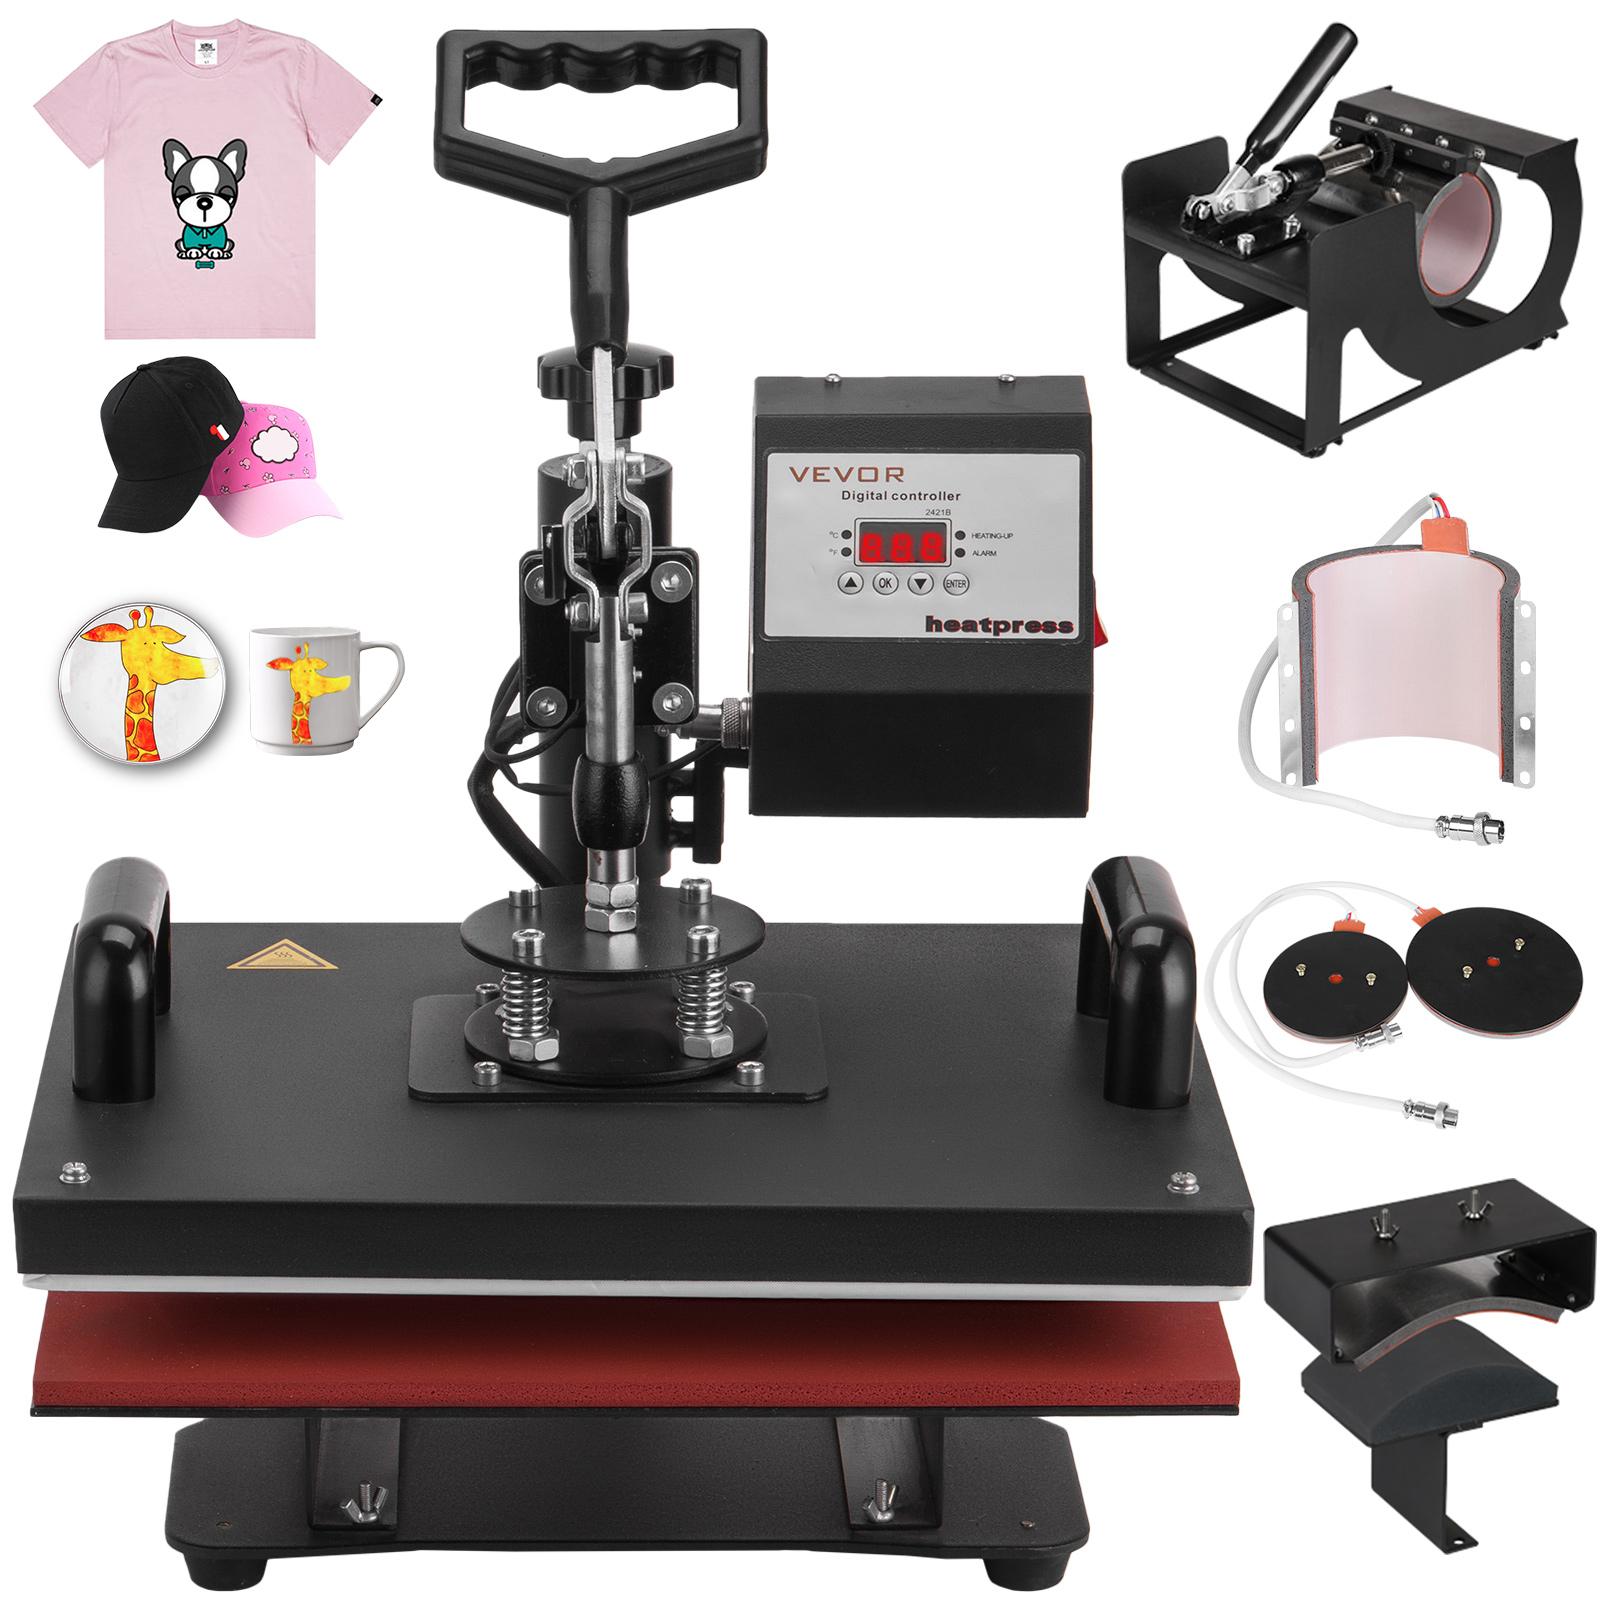 6in1 presse textile presse chaud la chaleur pressage haute pression assiette ebay. Black Bedroom Furniture Sets. Home Design Ideas